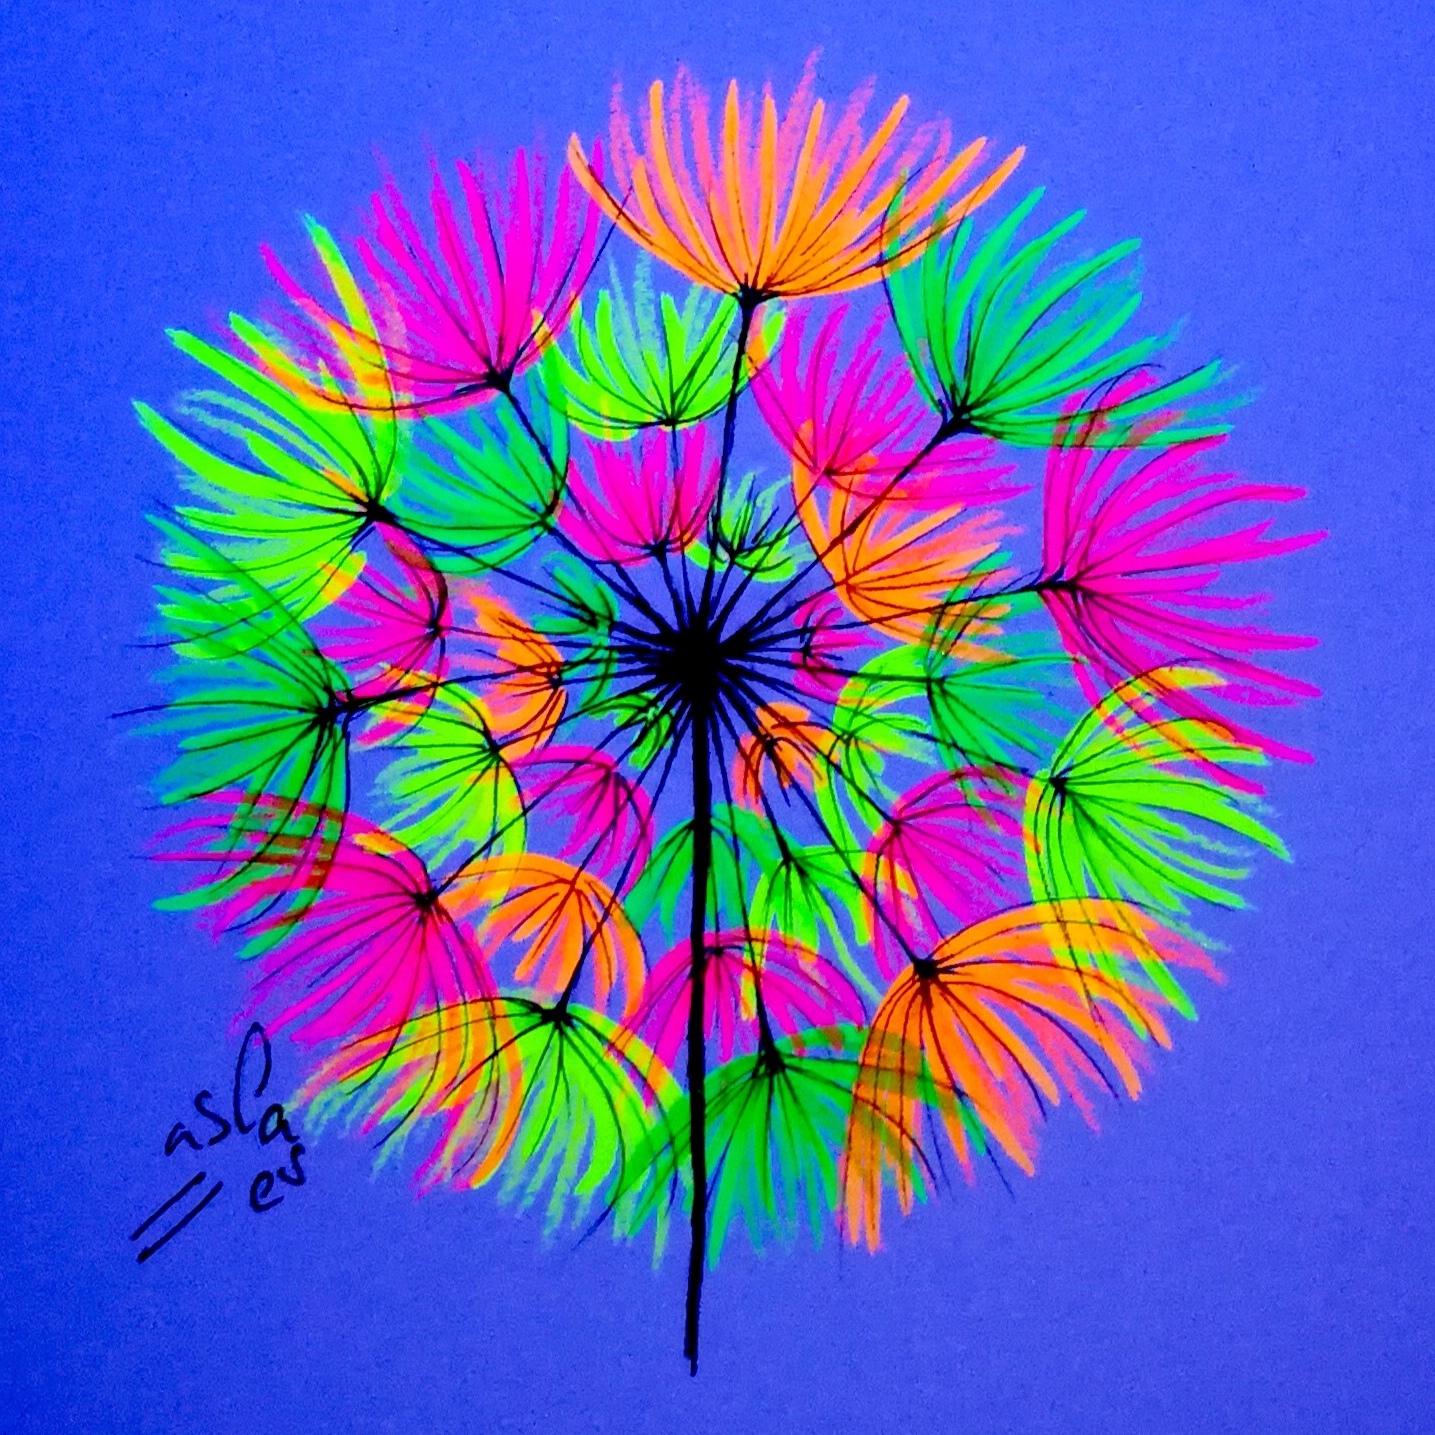 Vicky-Casellas.-Diente-de-león.-Ilustración-fluorescente.-Fluo-art-Casellas.-Fluoresent-art